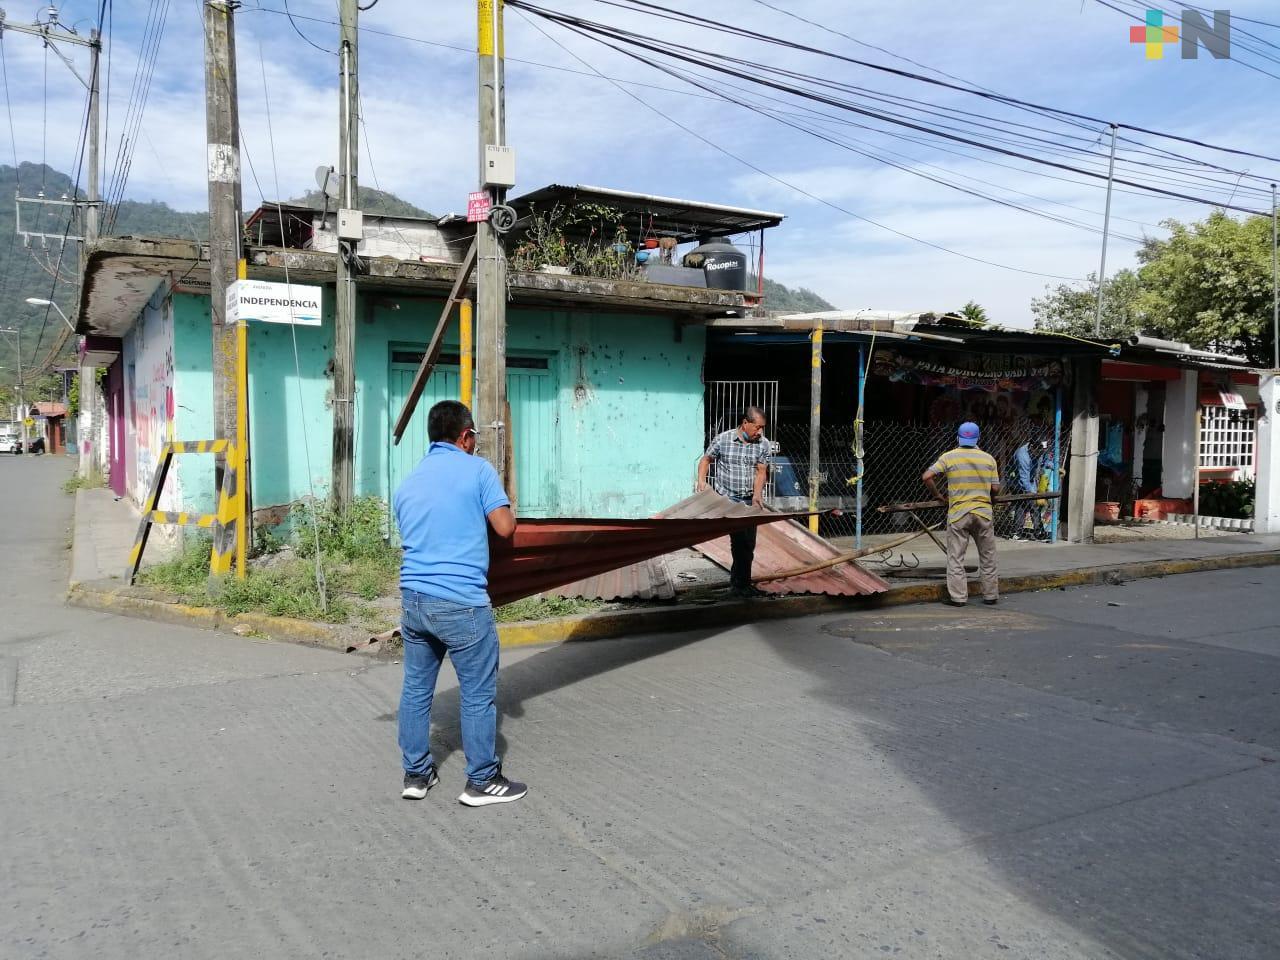 Se emitió Aviso Especial para Veracruz por surada, y llegada de frente frío para el miércoles